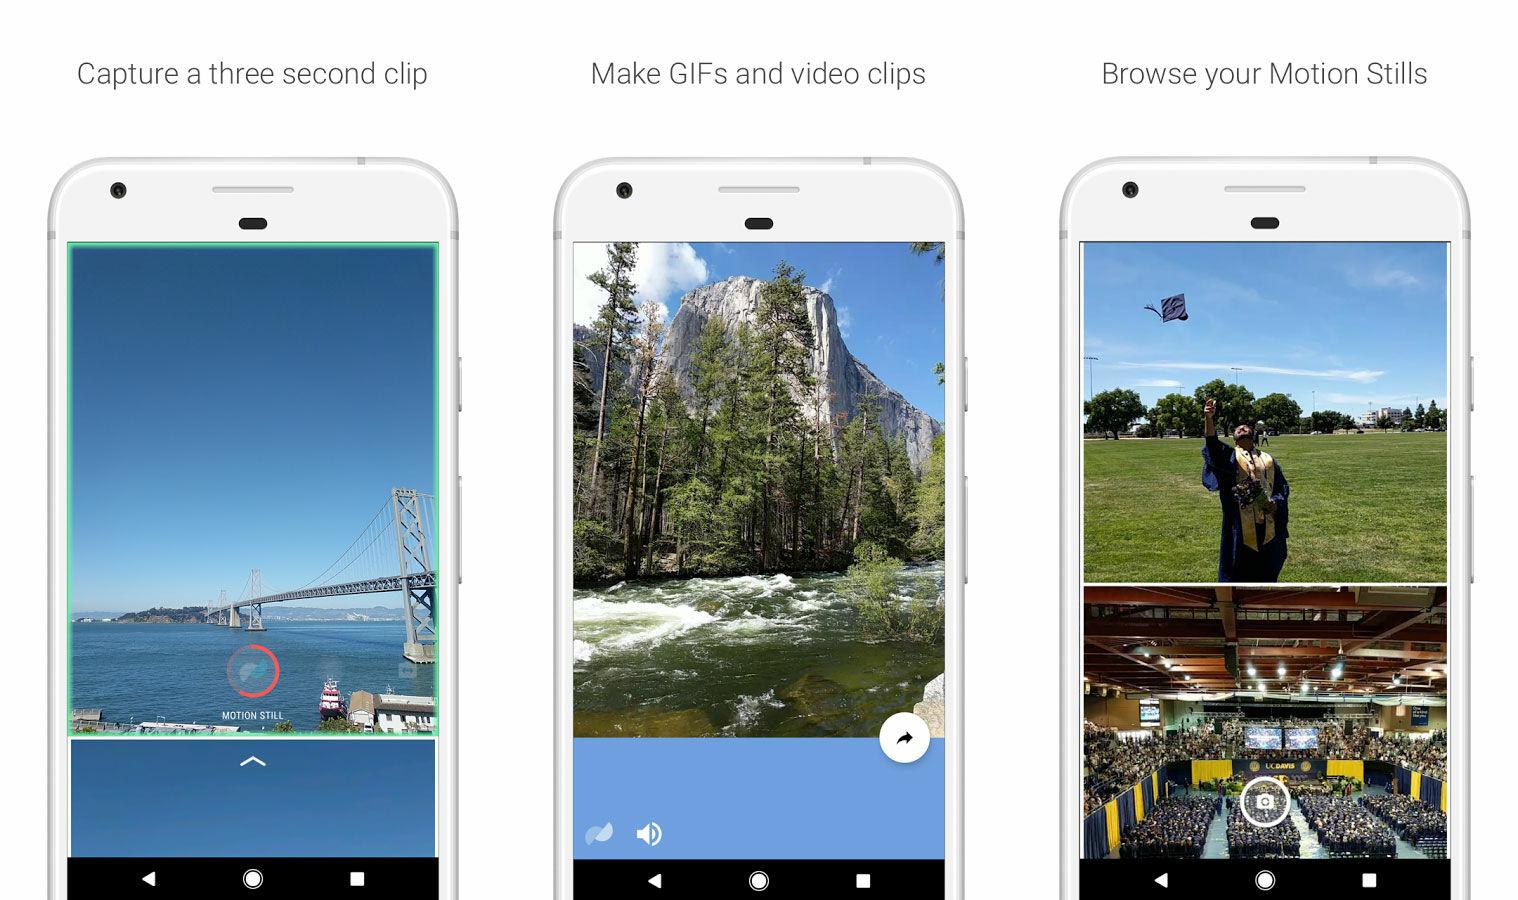 Google Motion Stills Android